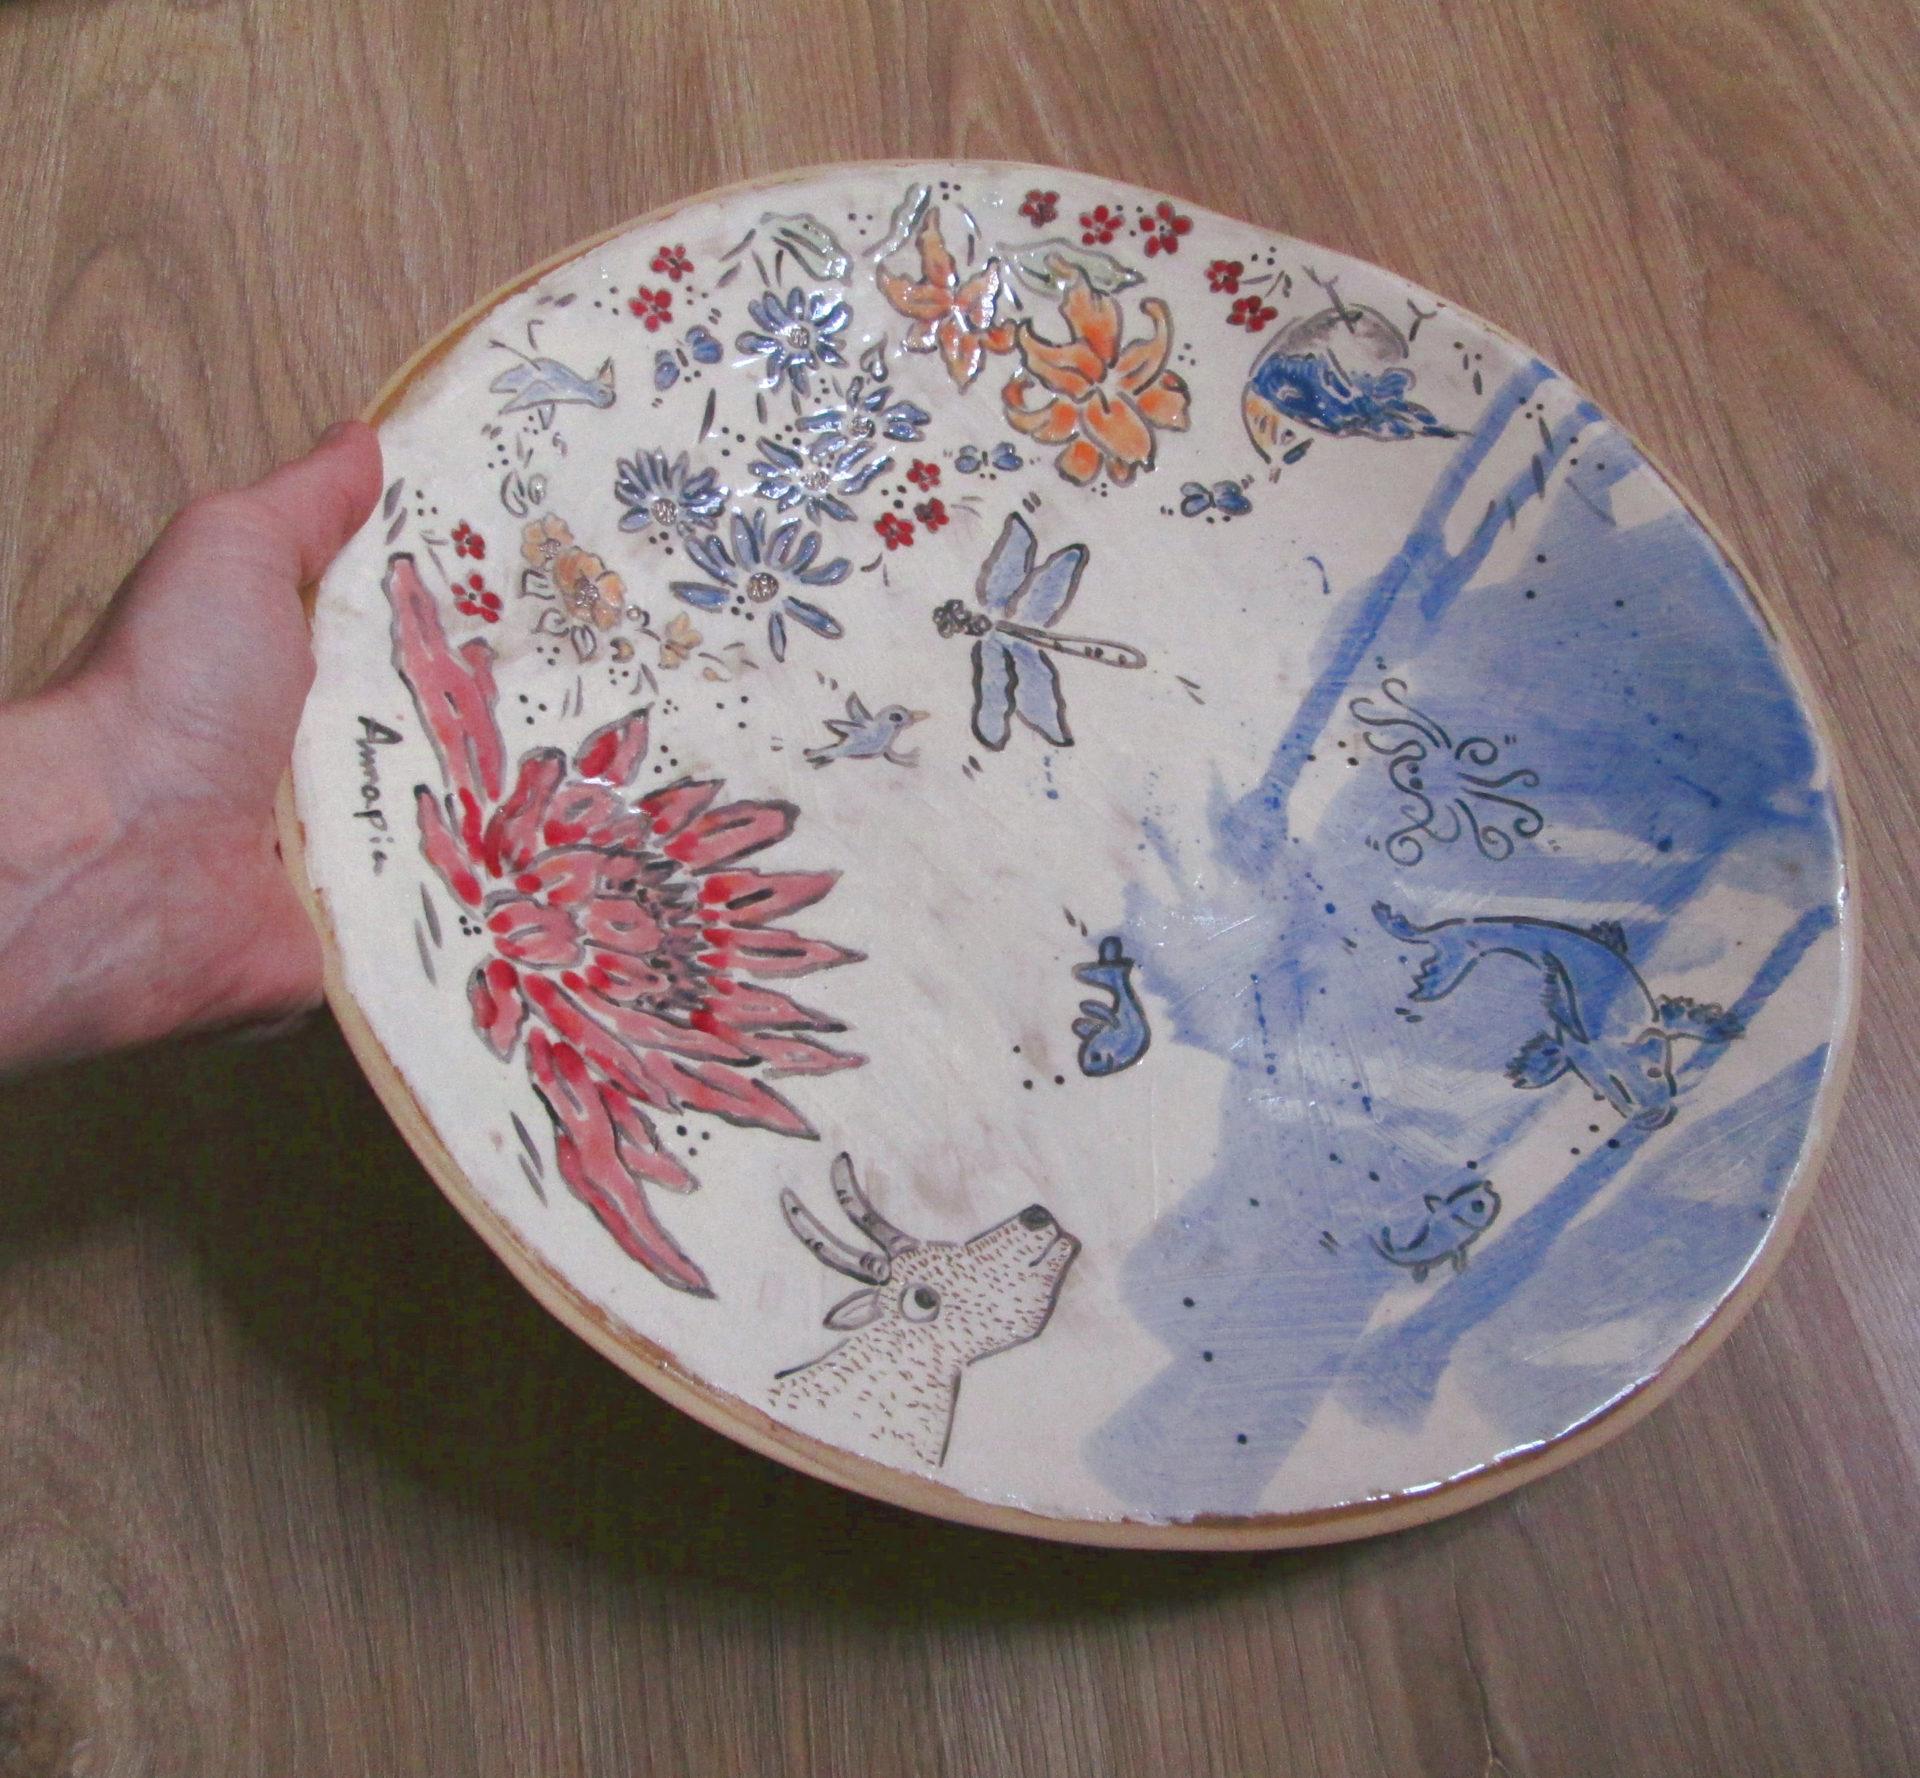 grande piatto ceramica gres decoro engobbio fatto e decorato a mano fiori capra Chagall Annapia Sogliani grand plat à gateau, grès décor engobe, fait et décoré main, motif fleurs, chèvre Chagall, made in Pari